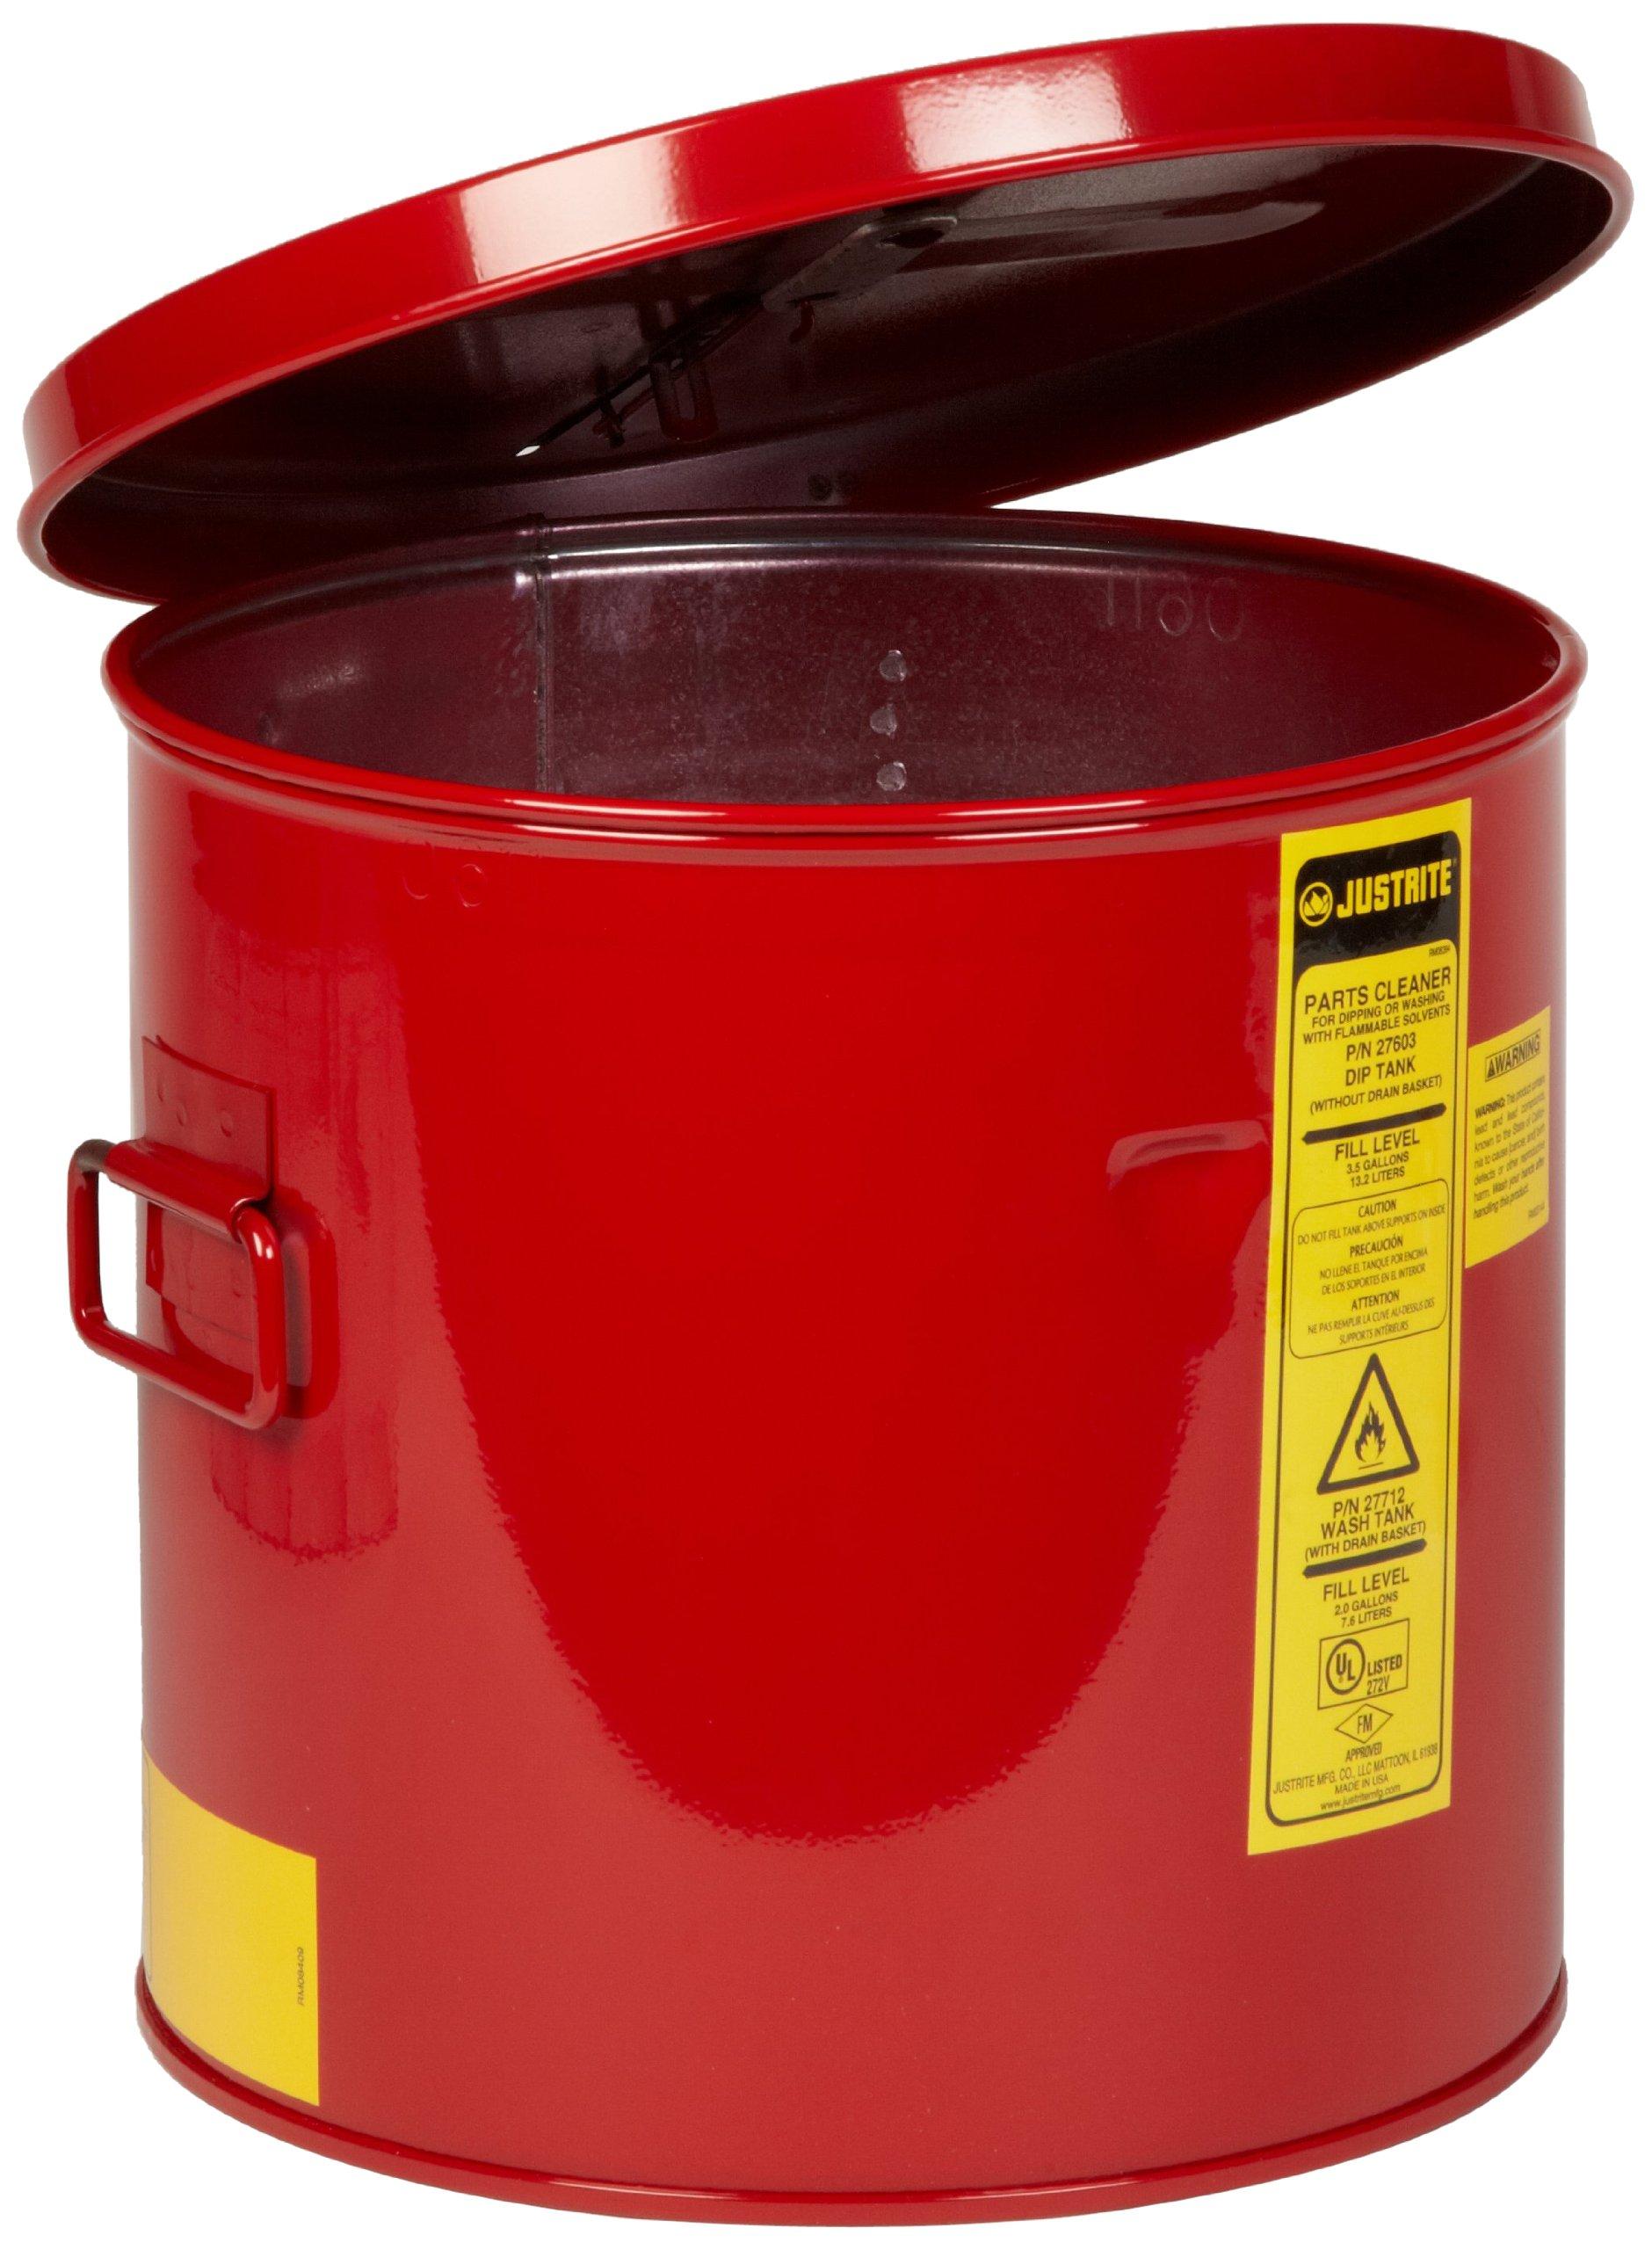 Justrite 27602 2 Gallon, 9 3/8'' x 10.00'' Size Dip Tanks